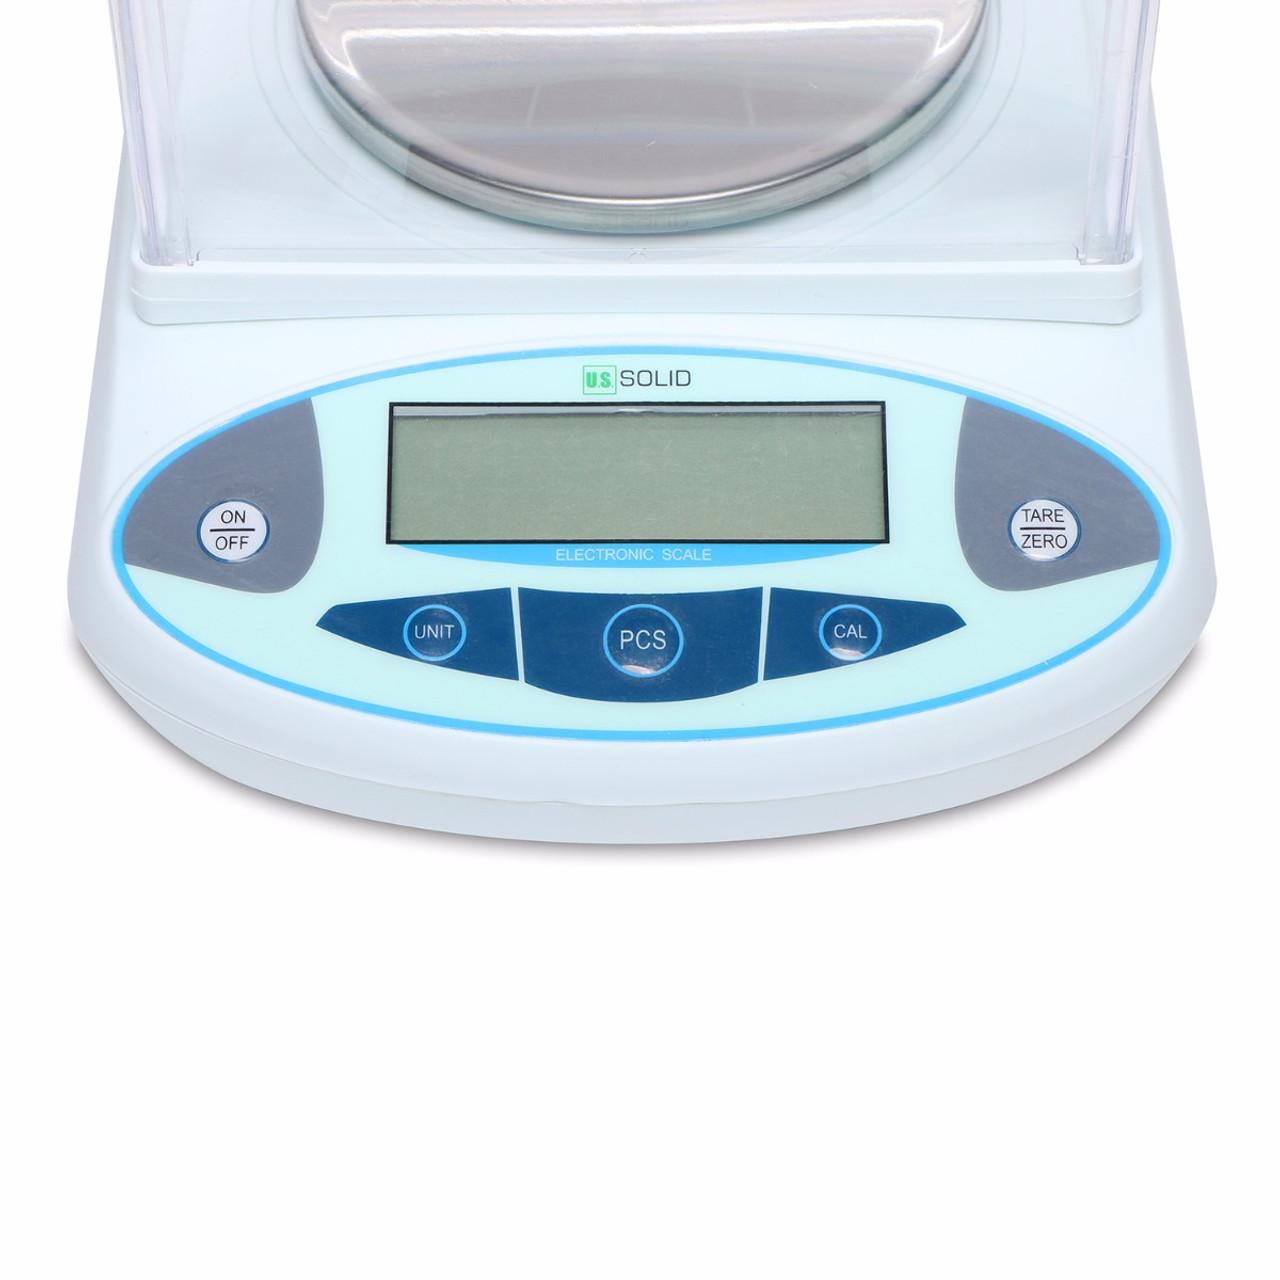 U.S. Solid 3000g x 0.01 g Lab Scale, 0.01 g Digital Analytical Balance